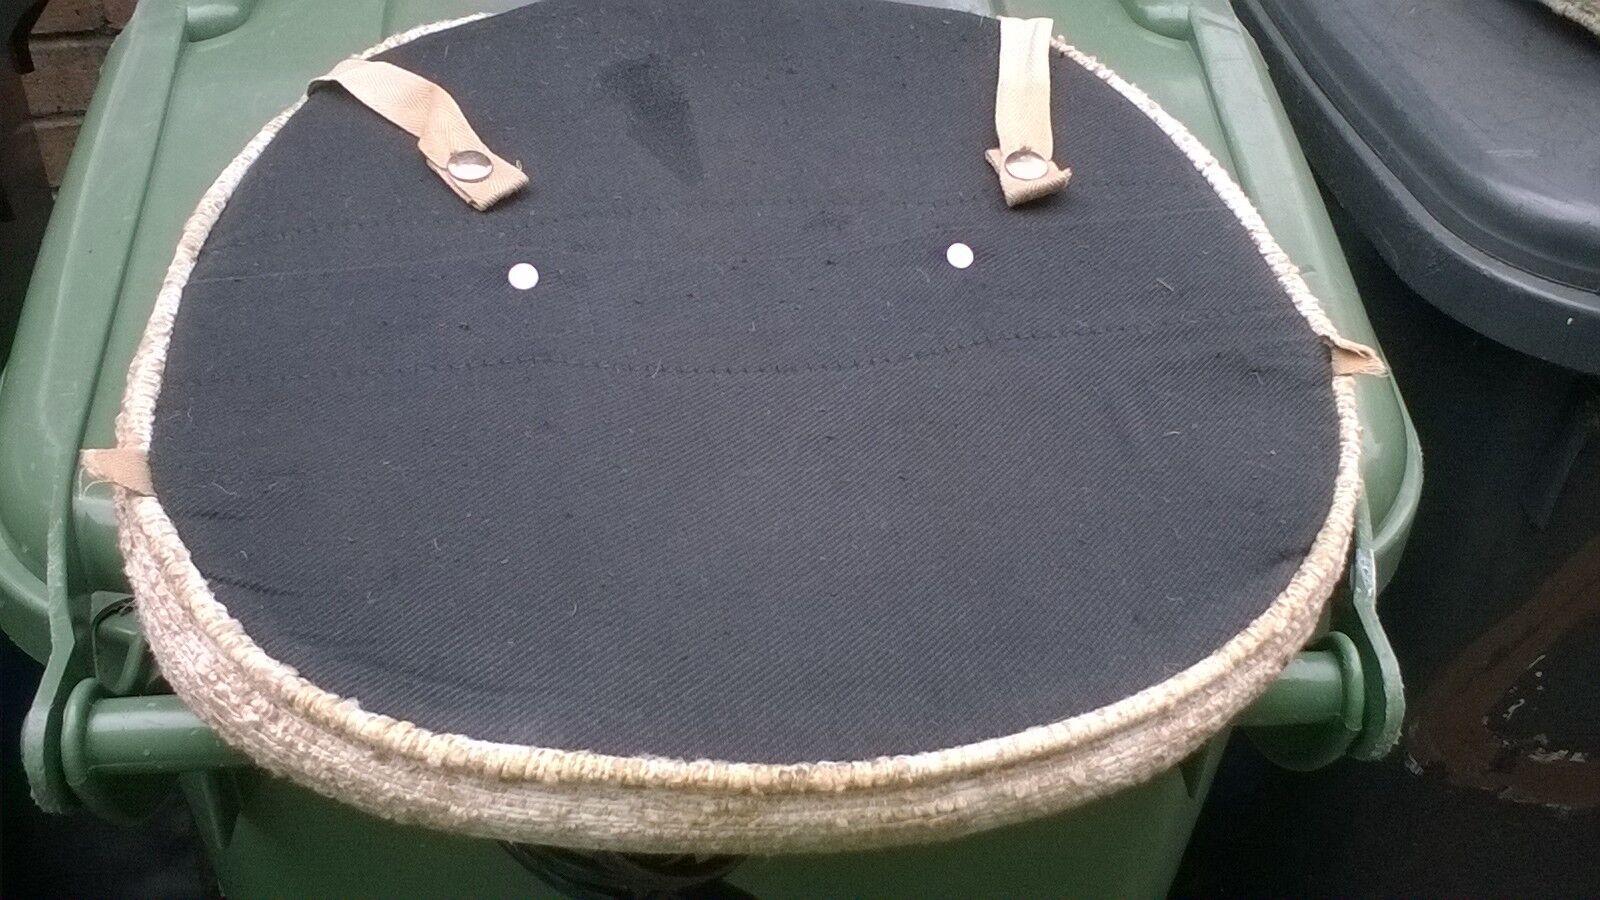 Cérémonie de de Cérémonie mariage sur le traîneau, cérémonie d'amitié du père Noël. Vintage Ercol chaise Coussins de siège 21f31d